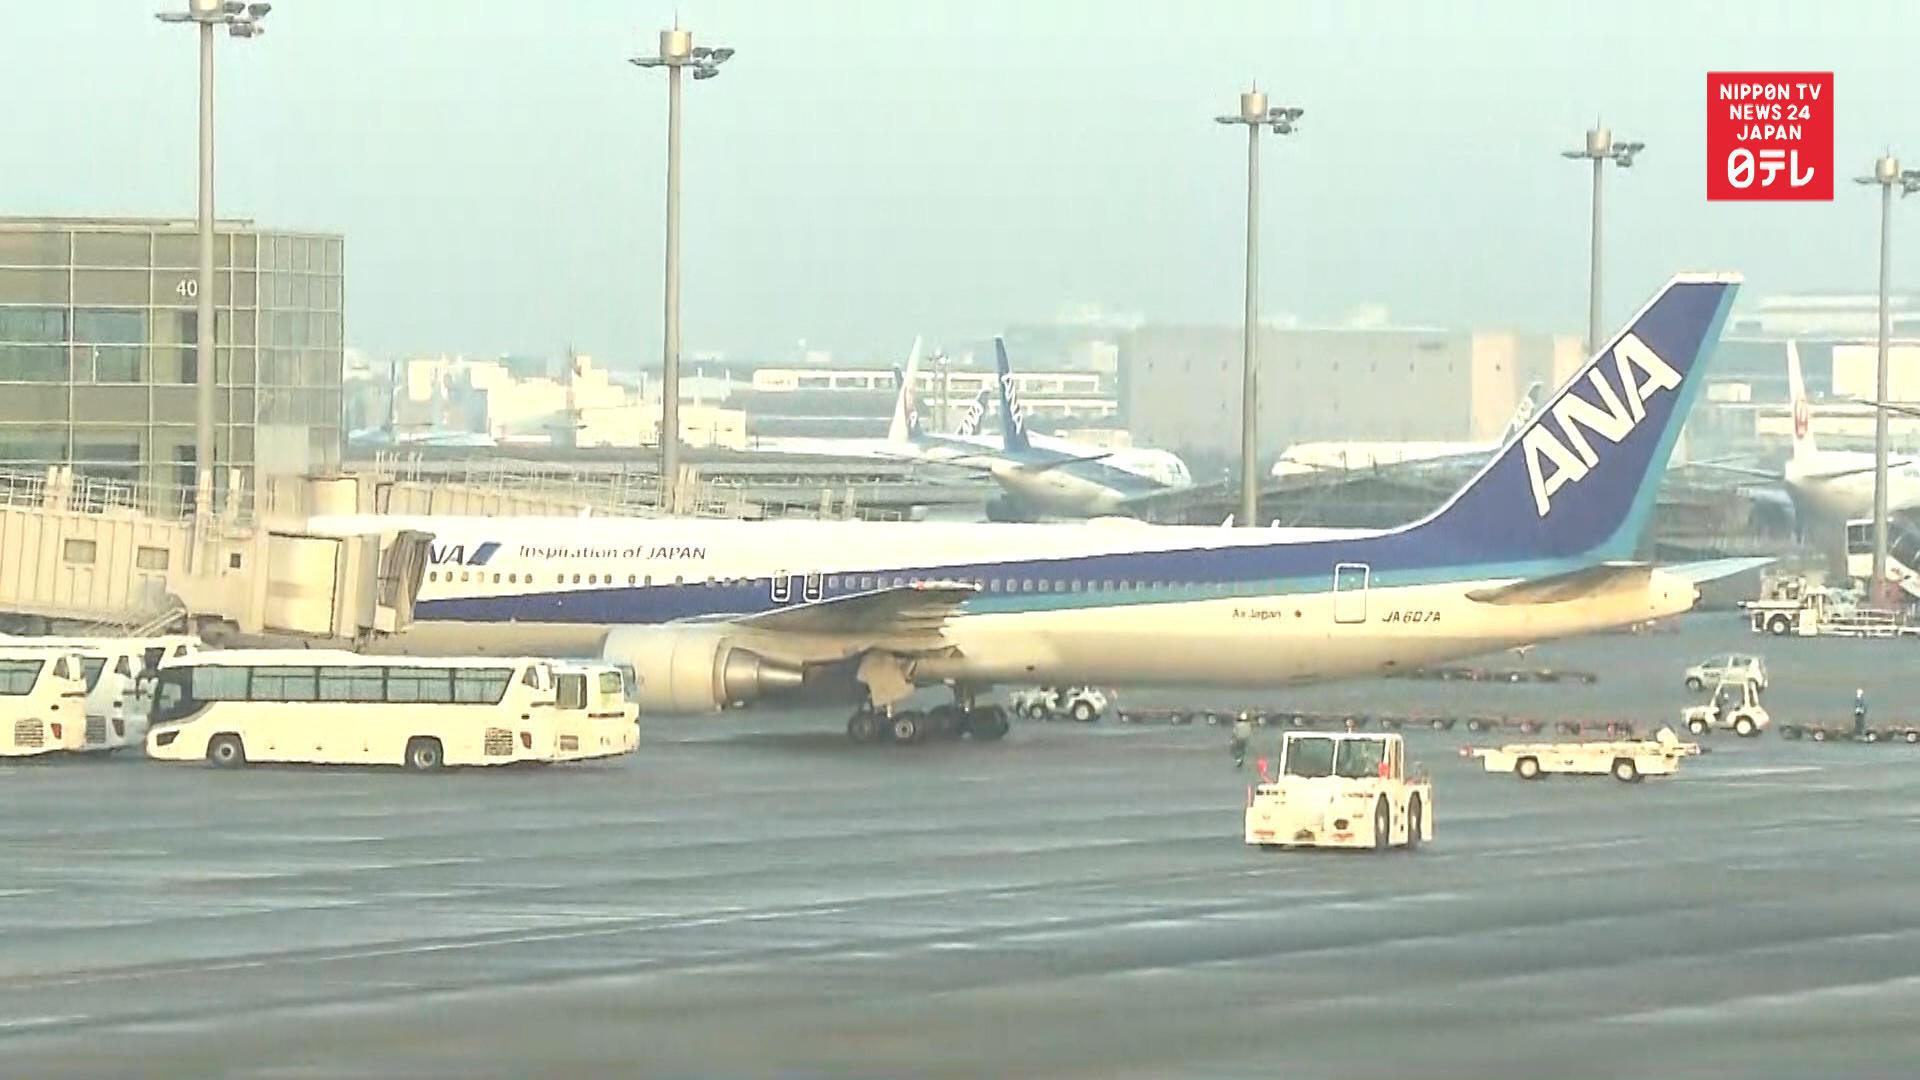 CORONAVIRUS: Japan's 5th govt-chartered plane returns from Wuhan